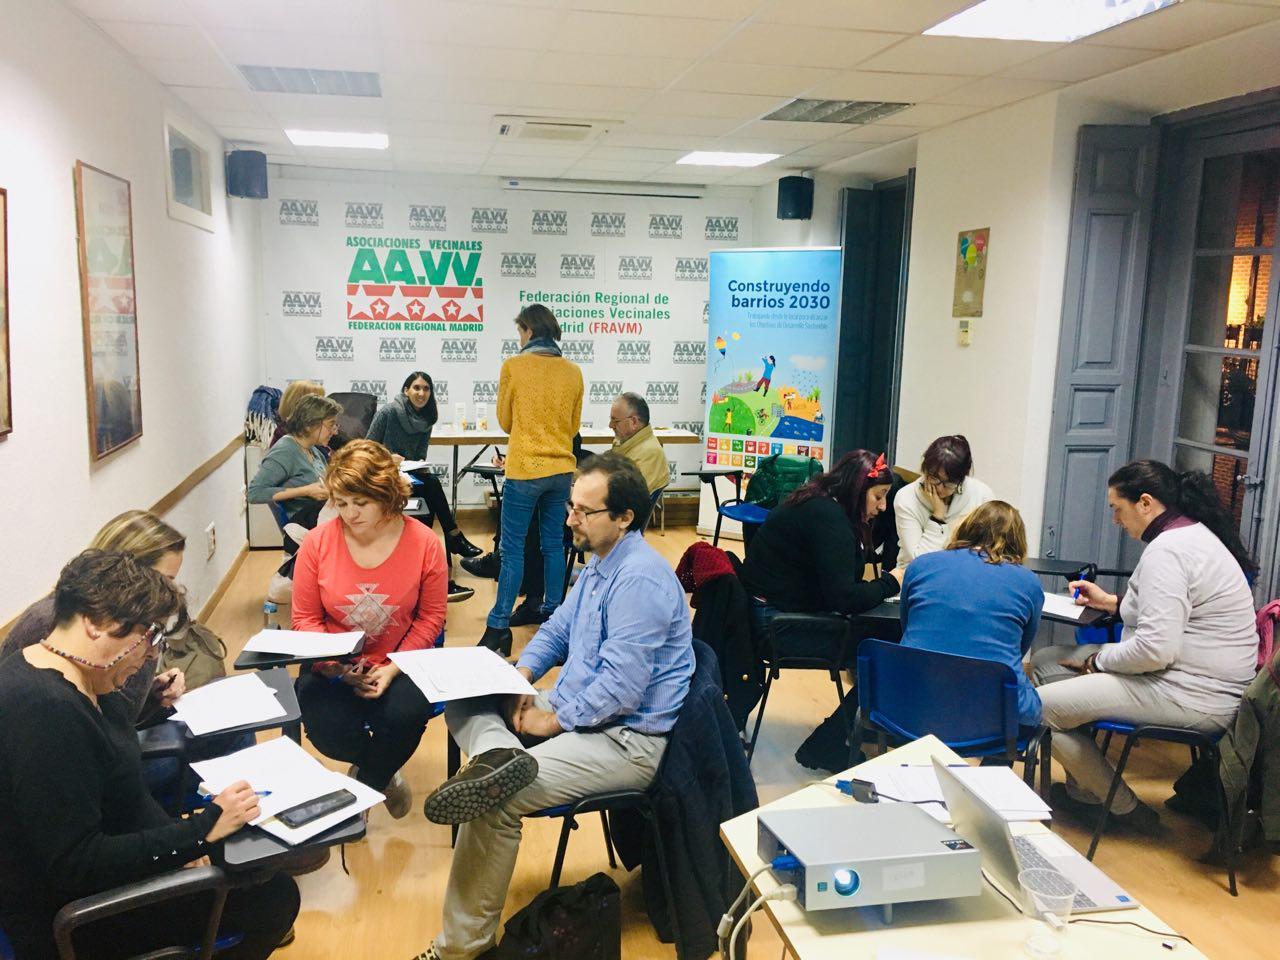 Una sesión de la Escuela Vecinal en el Espacio Vecinal Paco Caño de Lavapiés (Madrid)